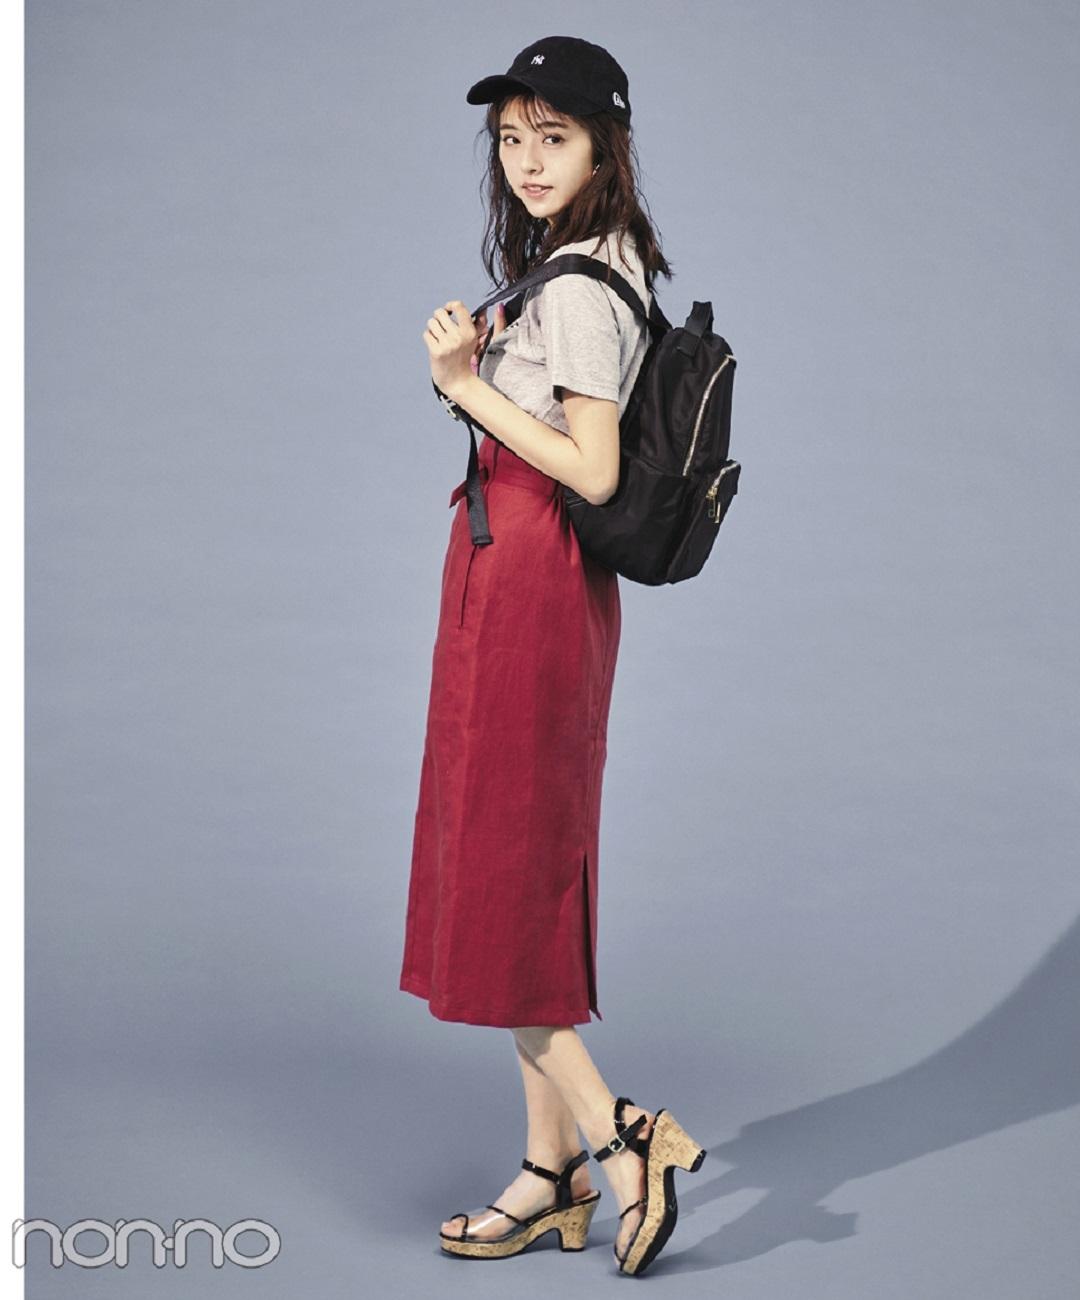 【夏のTシャツコーデ】江野沢愛美の、花柄ロングワンピ×白スニーカーで程よいガーリーコーデ